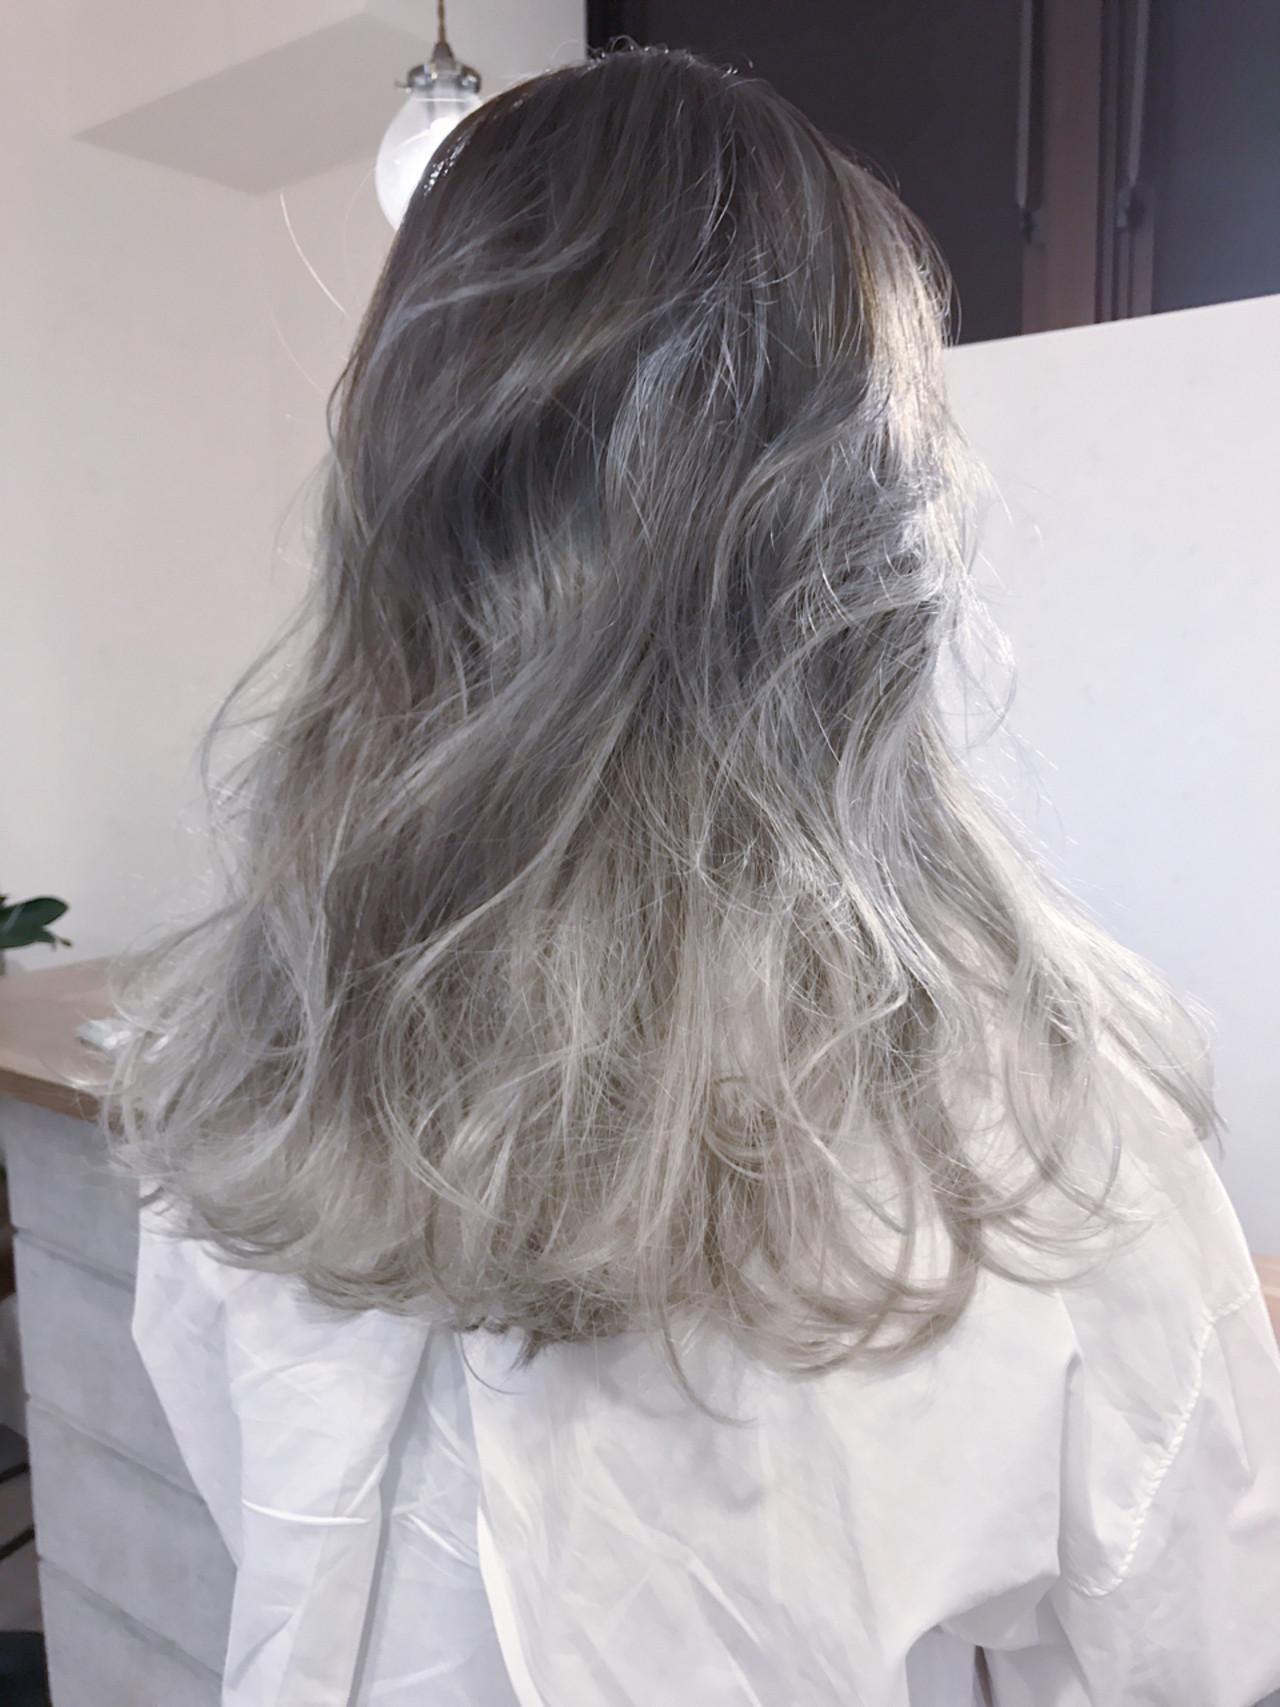 金髪 グラデーションカラー セミロング ハイライト ヘアスタイルや髪型の写真・画像